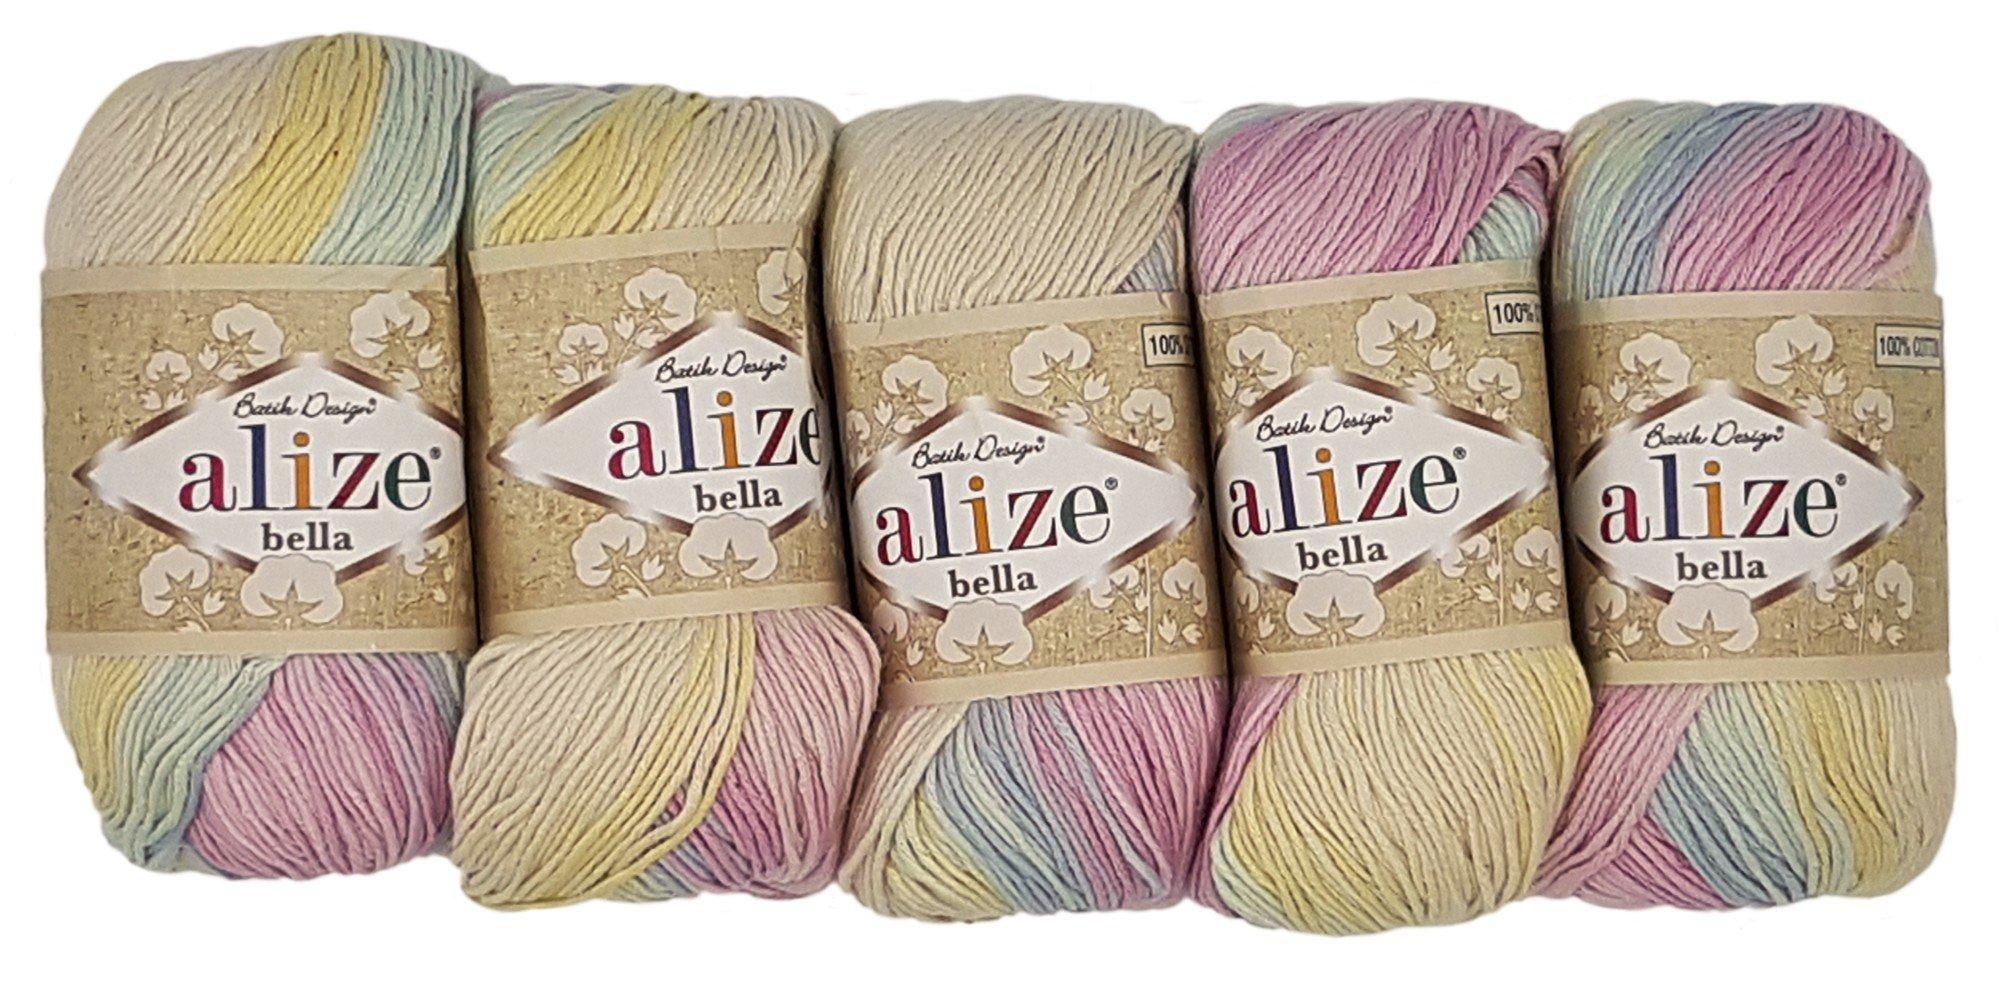 Alize Bella 5 x 50 Gramos algodón Degradado, 250 Gramos Lana Lana 100% algodón, Punto: Amazon.es: Juguetes y juegos